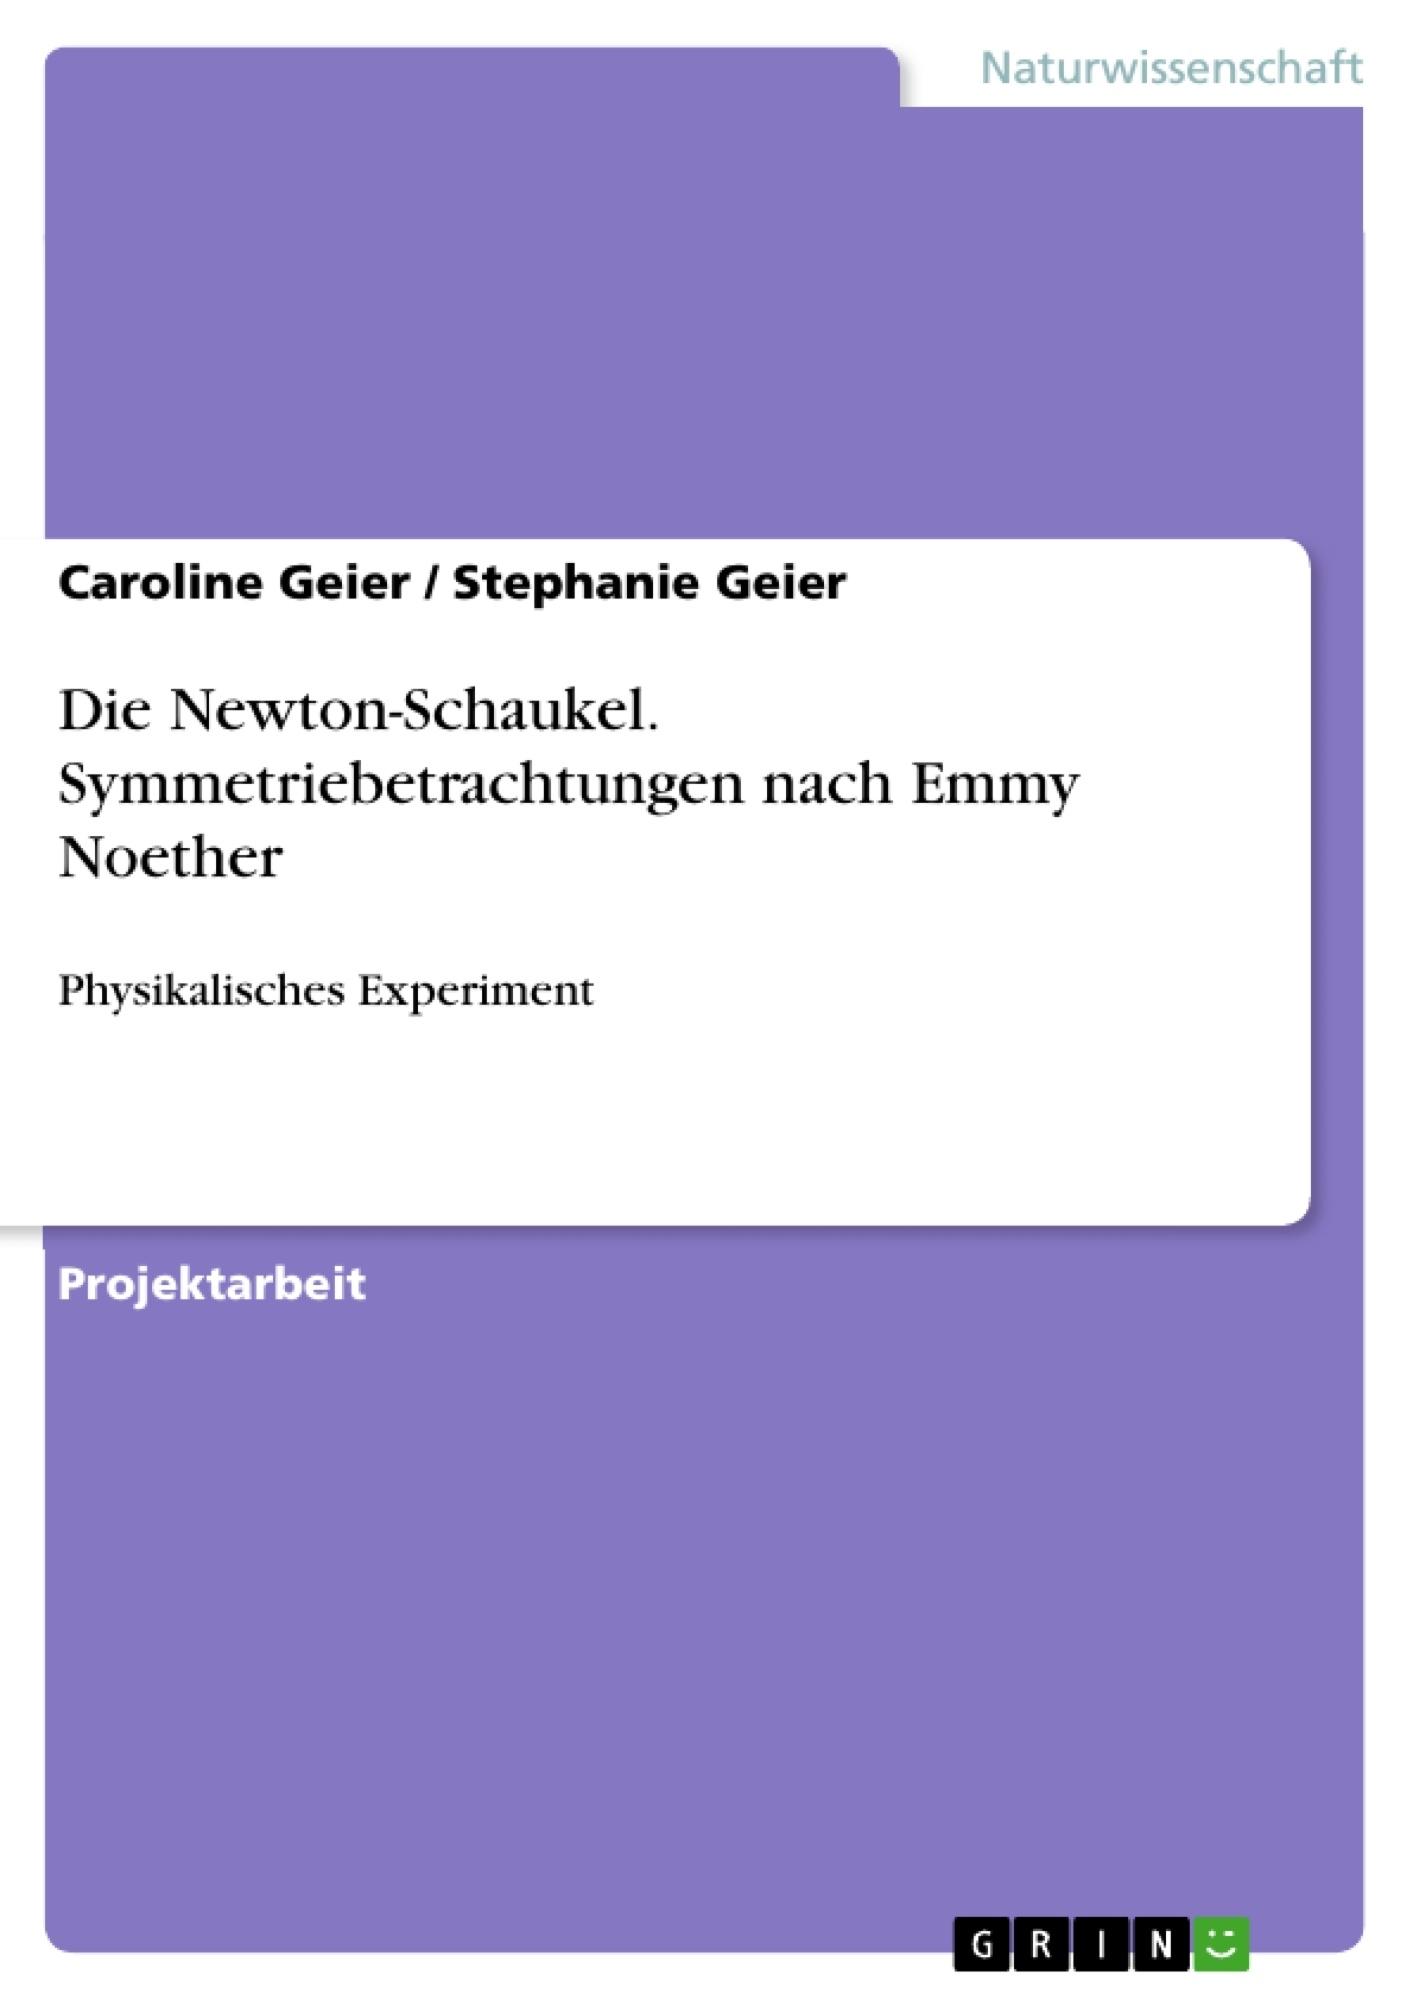 Titel: Die Newton-Schaukel. Symmetriebetrachtungen nach Emmy Noether